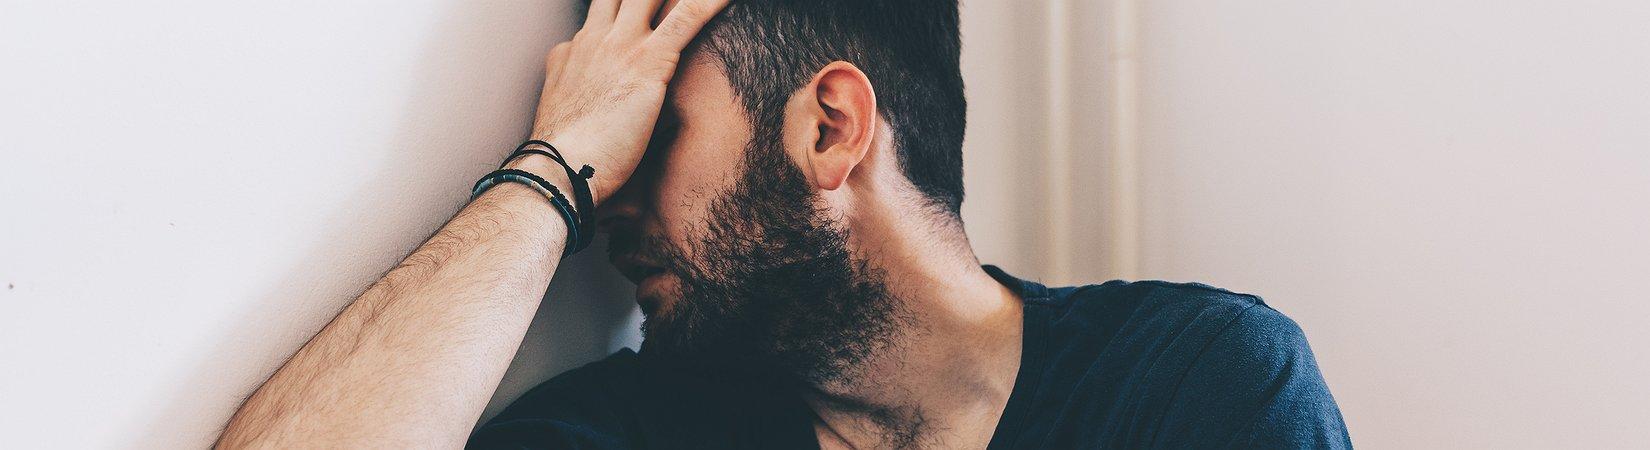 7 hábitos que no hacen más que aumentar tu estrés